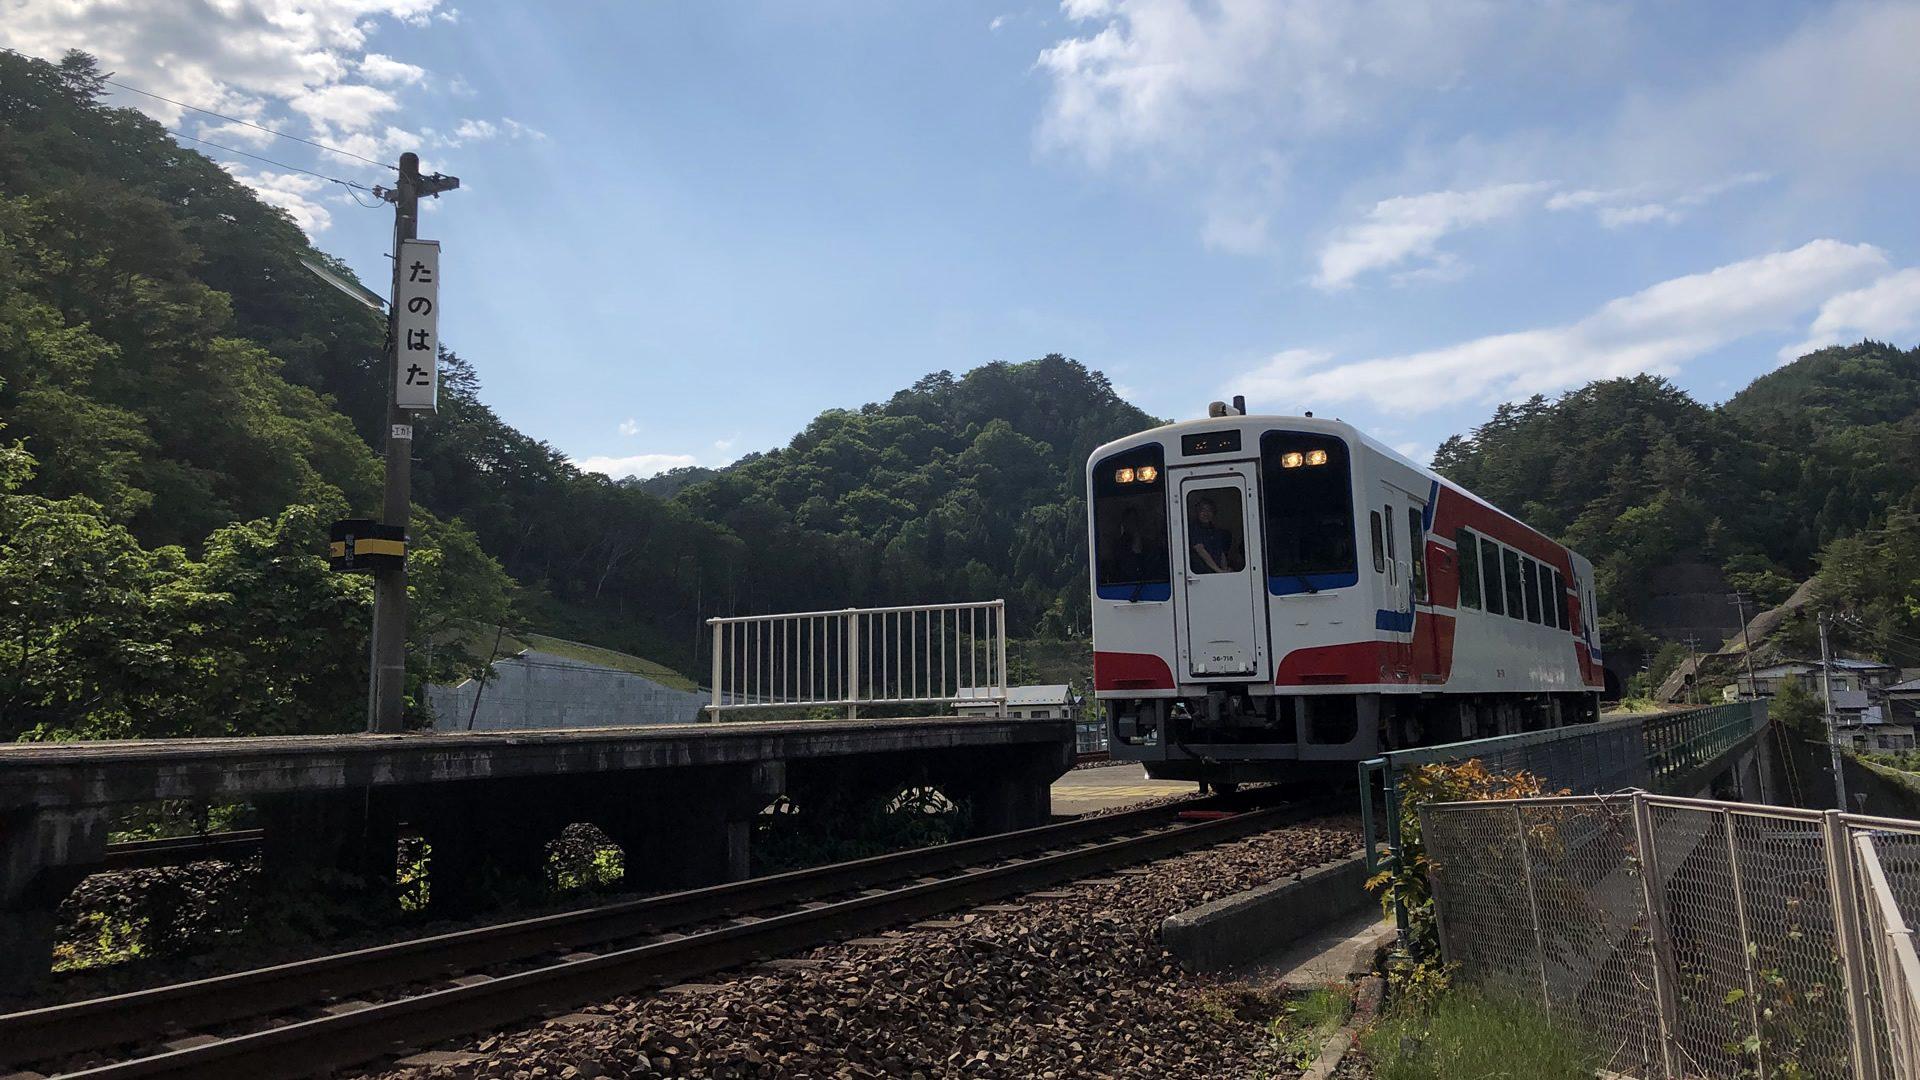 2019年3月23日、<br /> 久慈駅(久慈市)から盛駅(大船渡市)までの163kmの区間が<br /> 三陸鉄道リアス線として一つにつながりました。